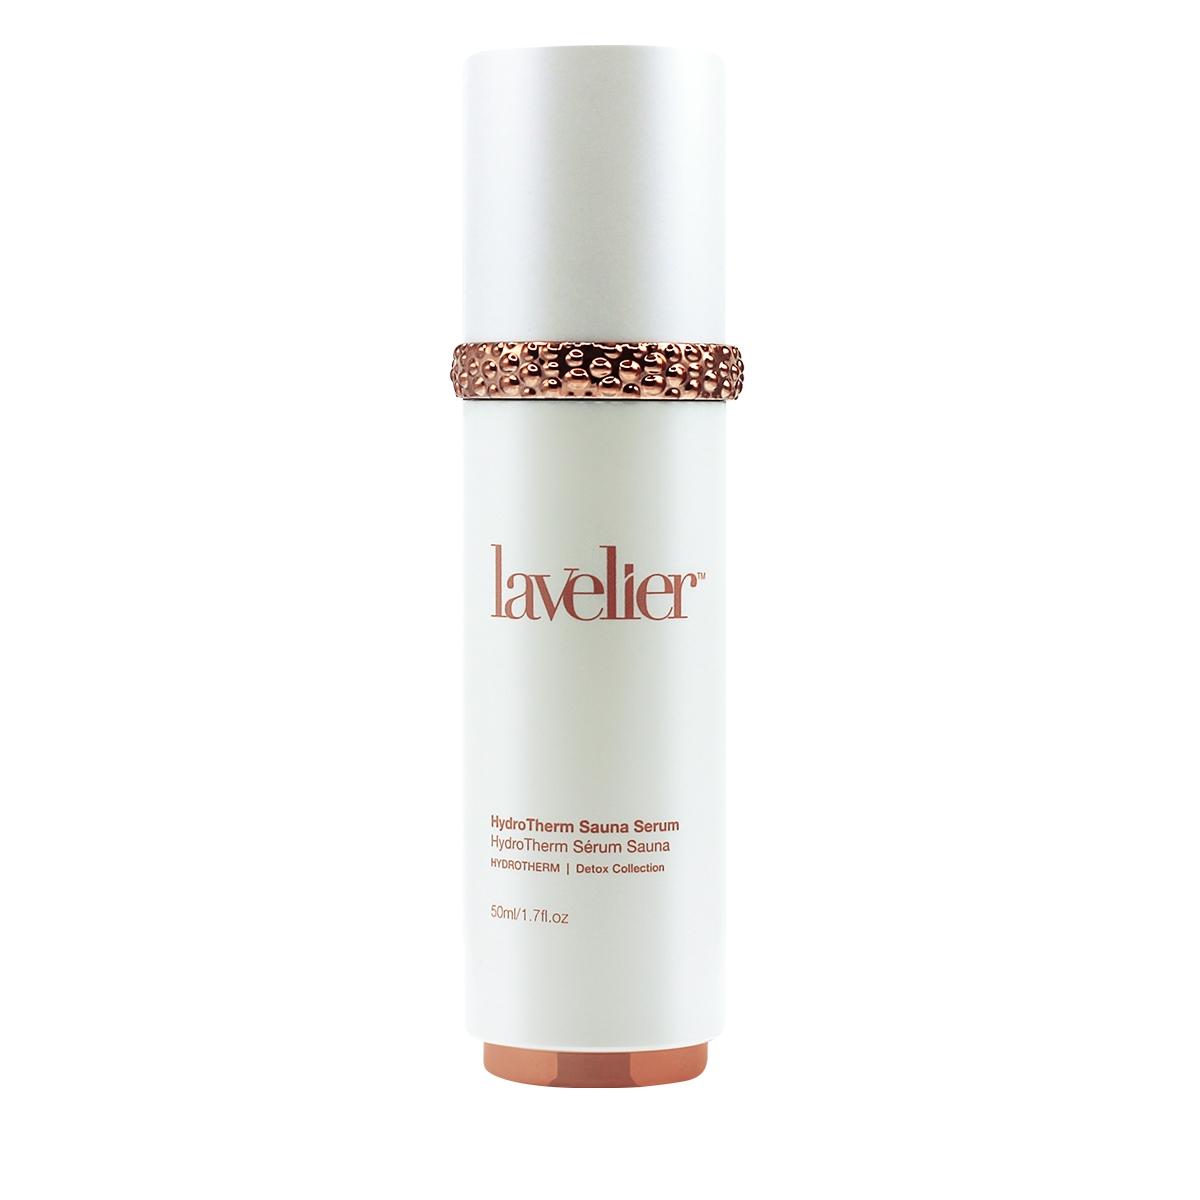 Lavelier Hydrotherm Sauna Serum Bottle